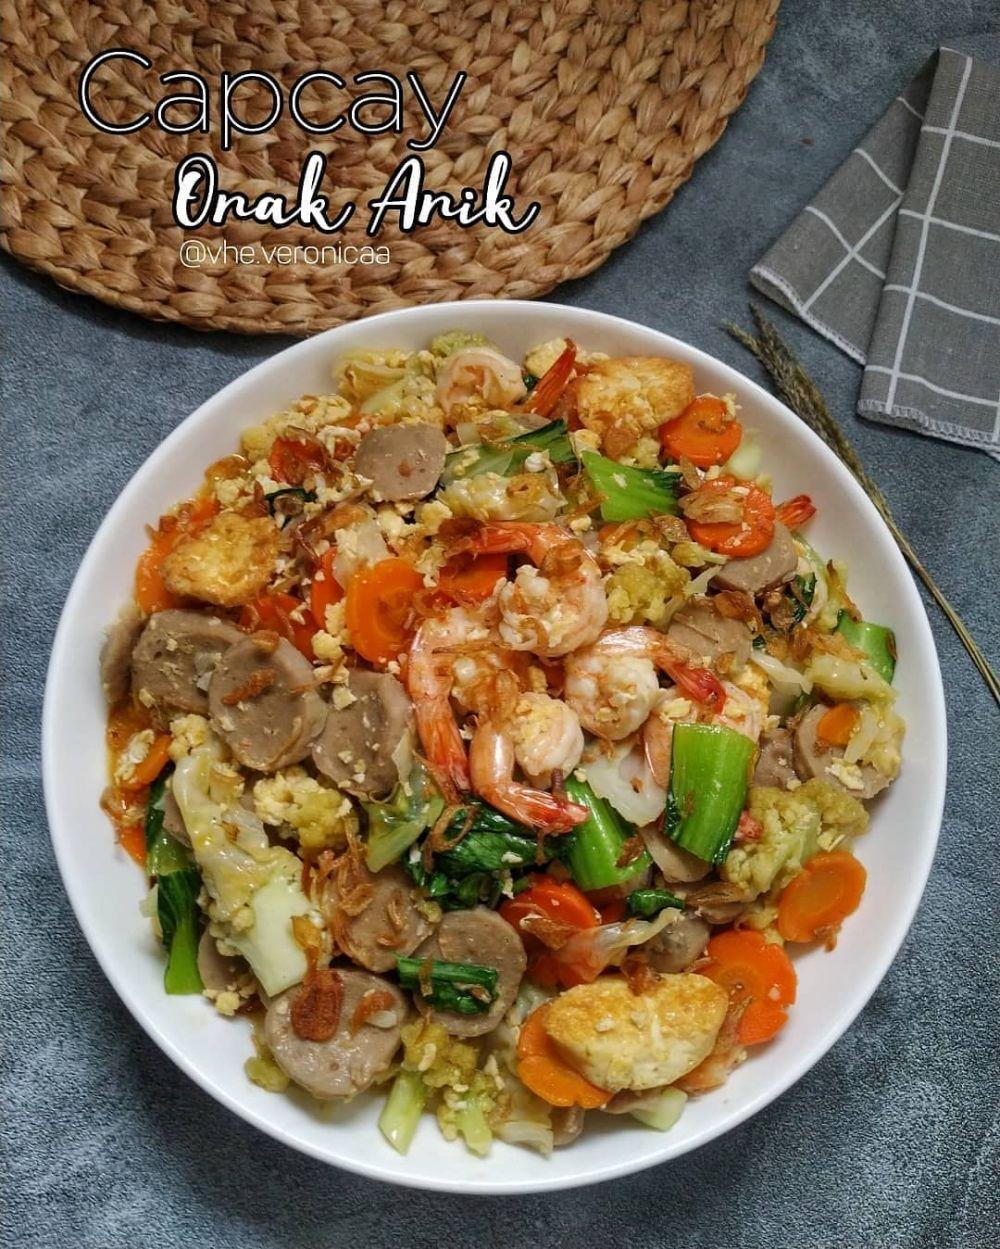 Resep makan malam sederhana ala rumahan © 2020 brilio.net/ Instagram